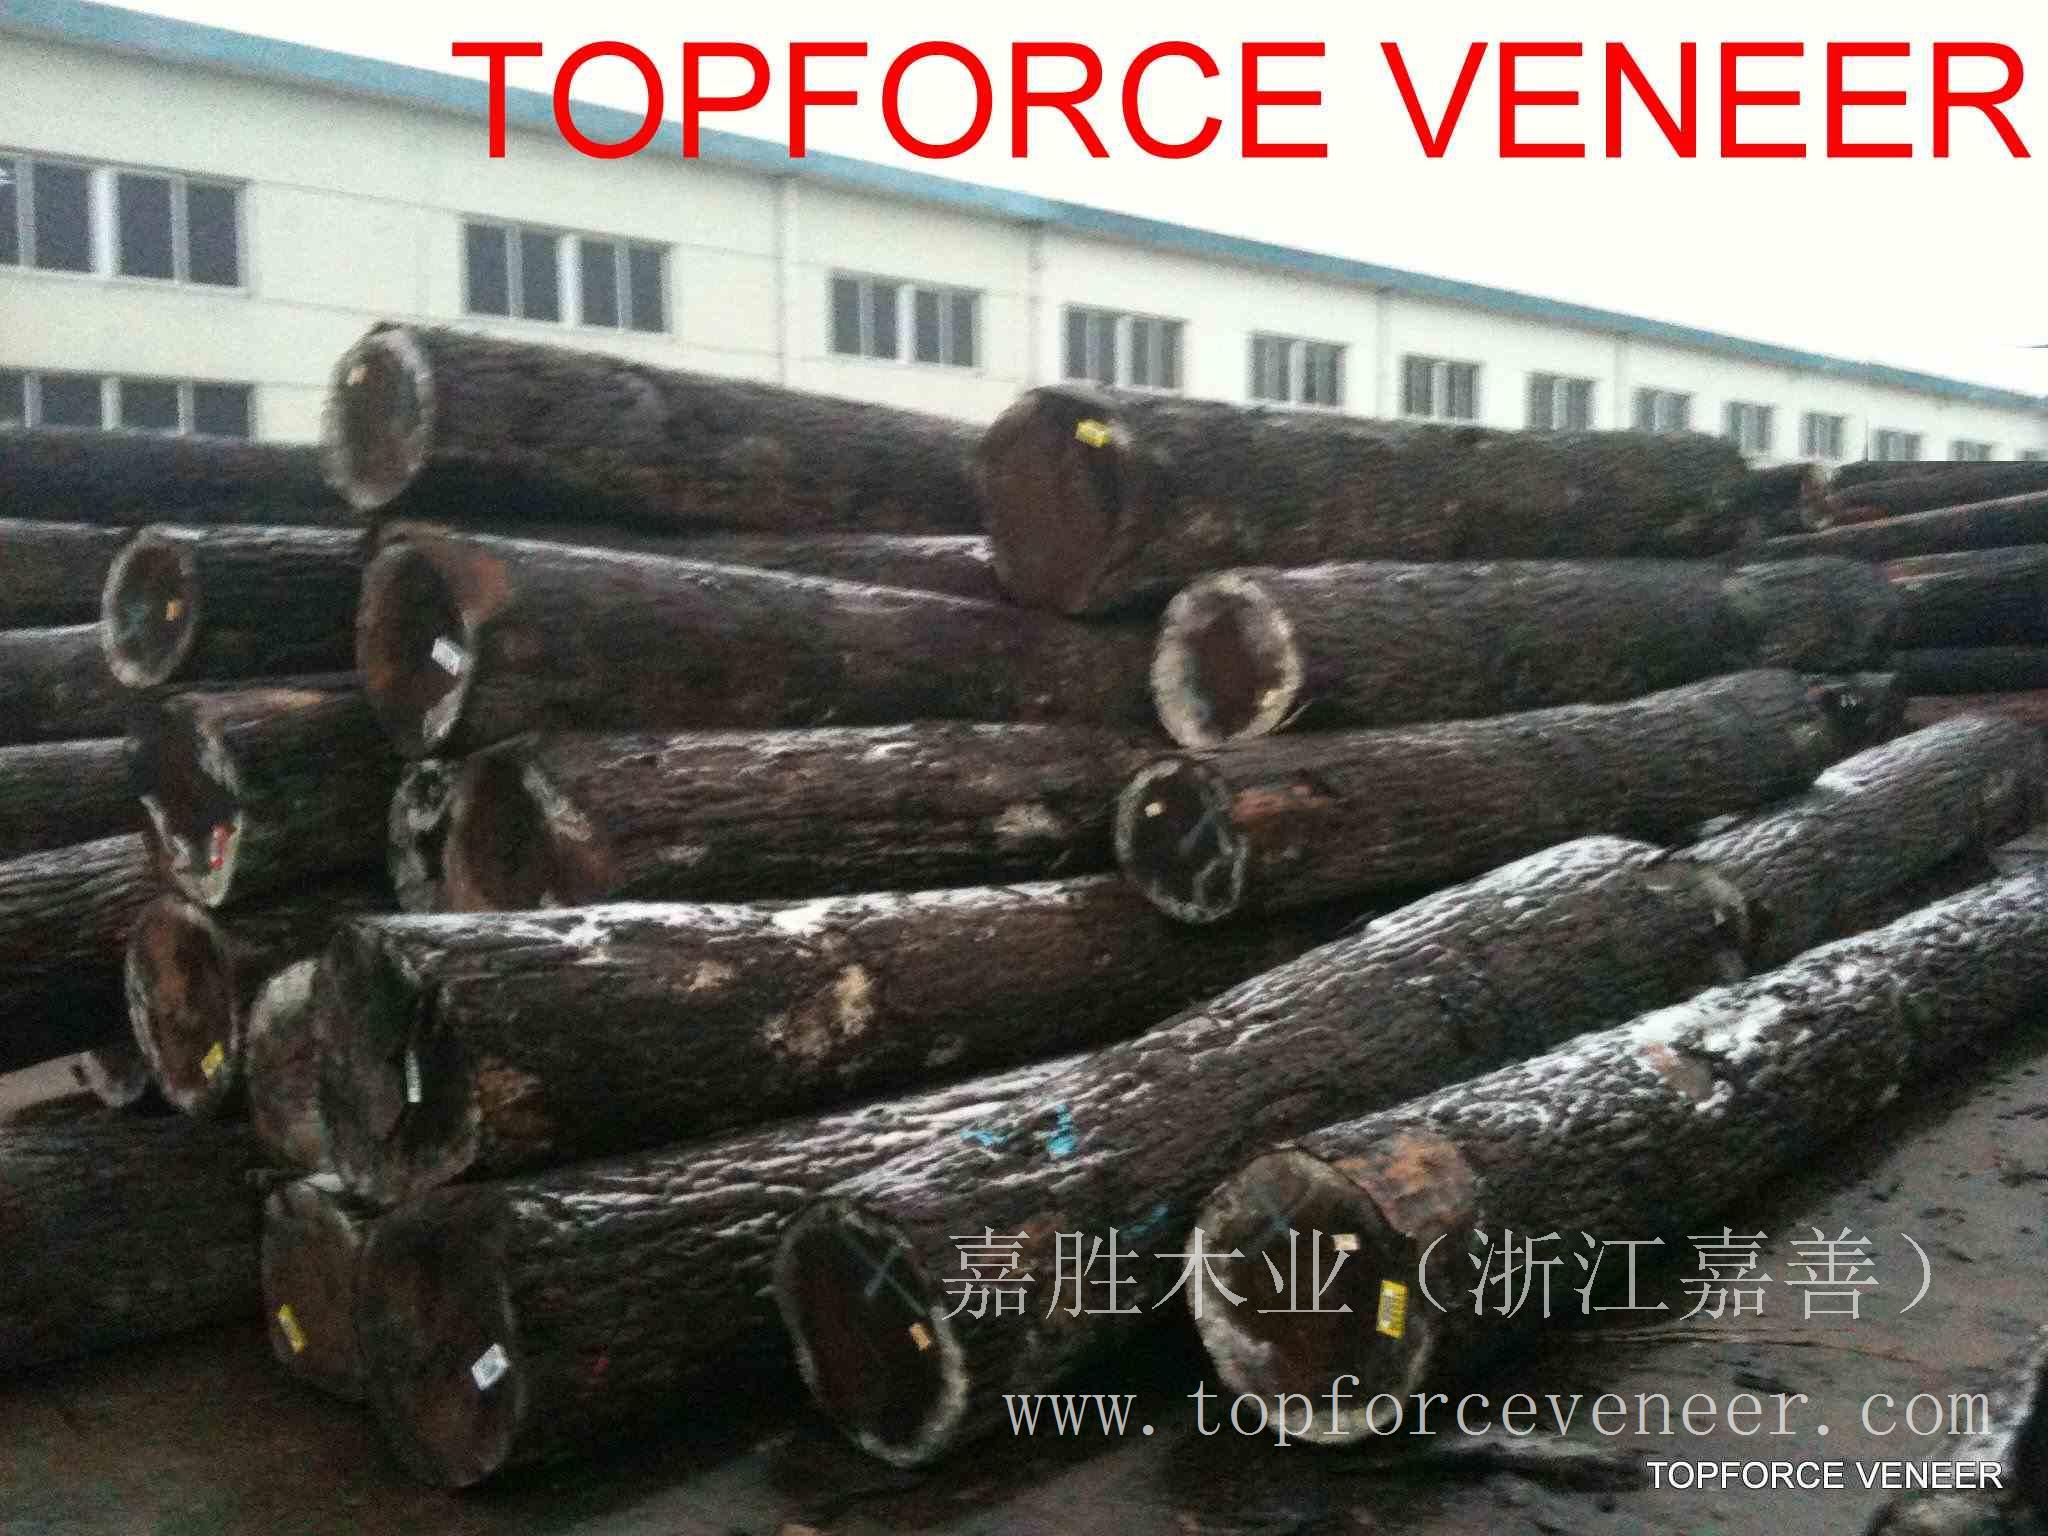 上海美国黑胡桃原木,二面清,三面清锯切级,三面清旋切级和四面清刨切级,锯切实木地板,框切实木地板,旋切木皮